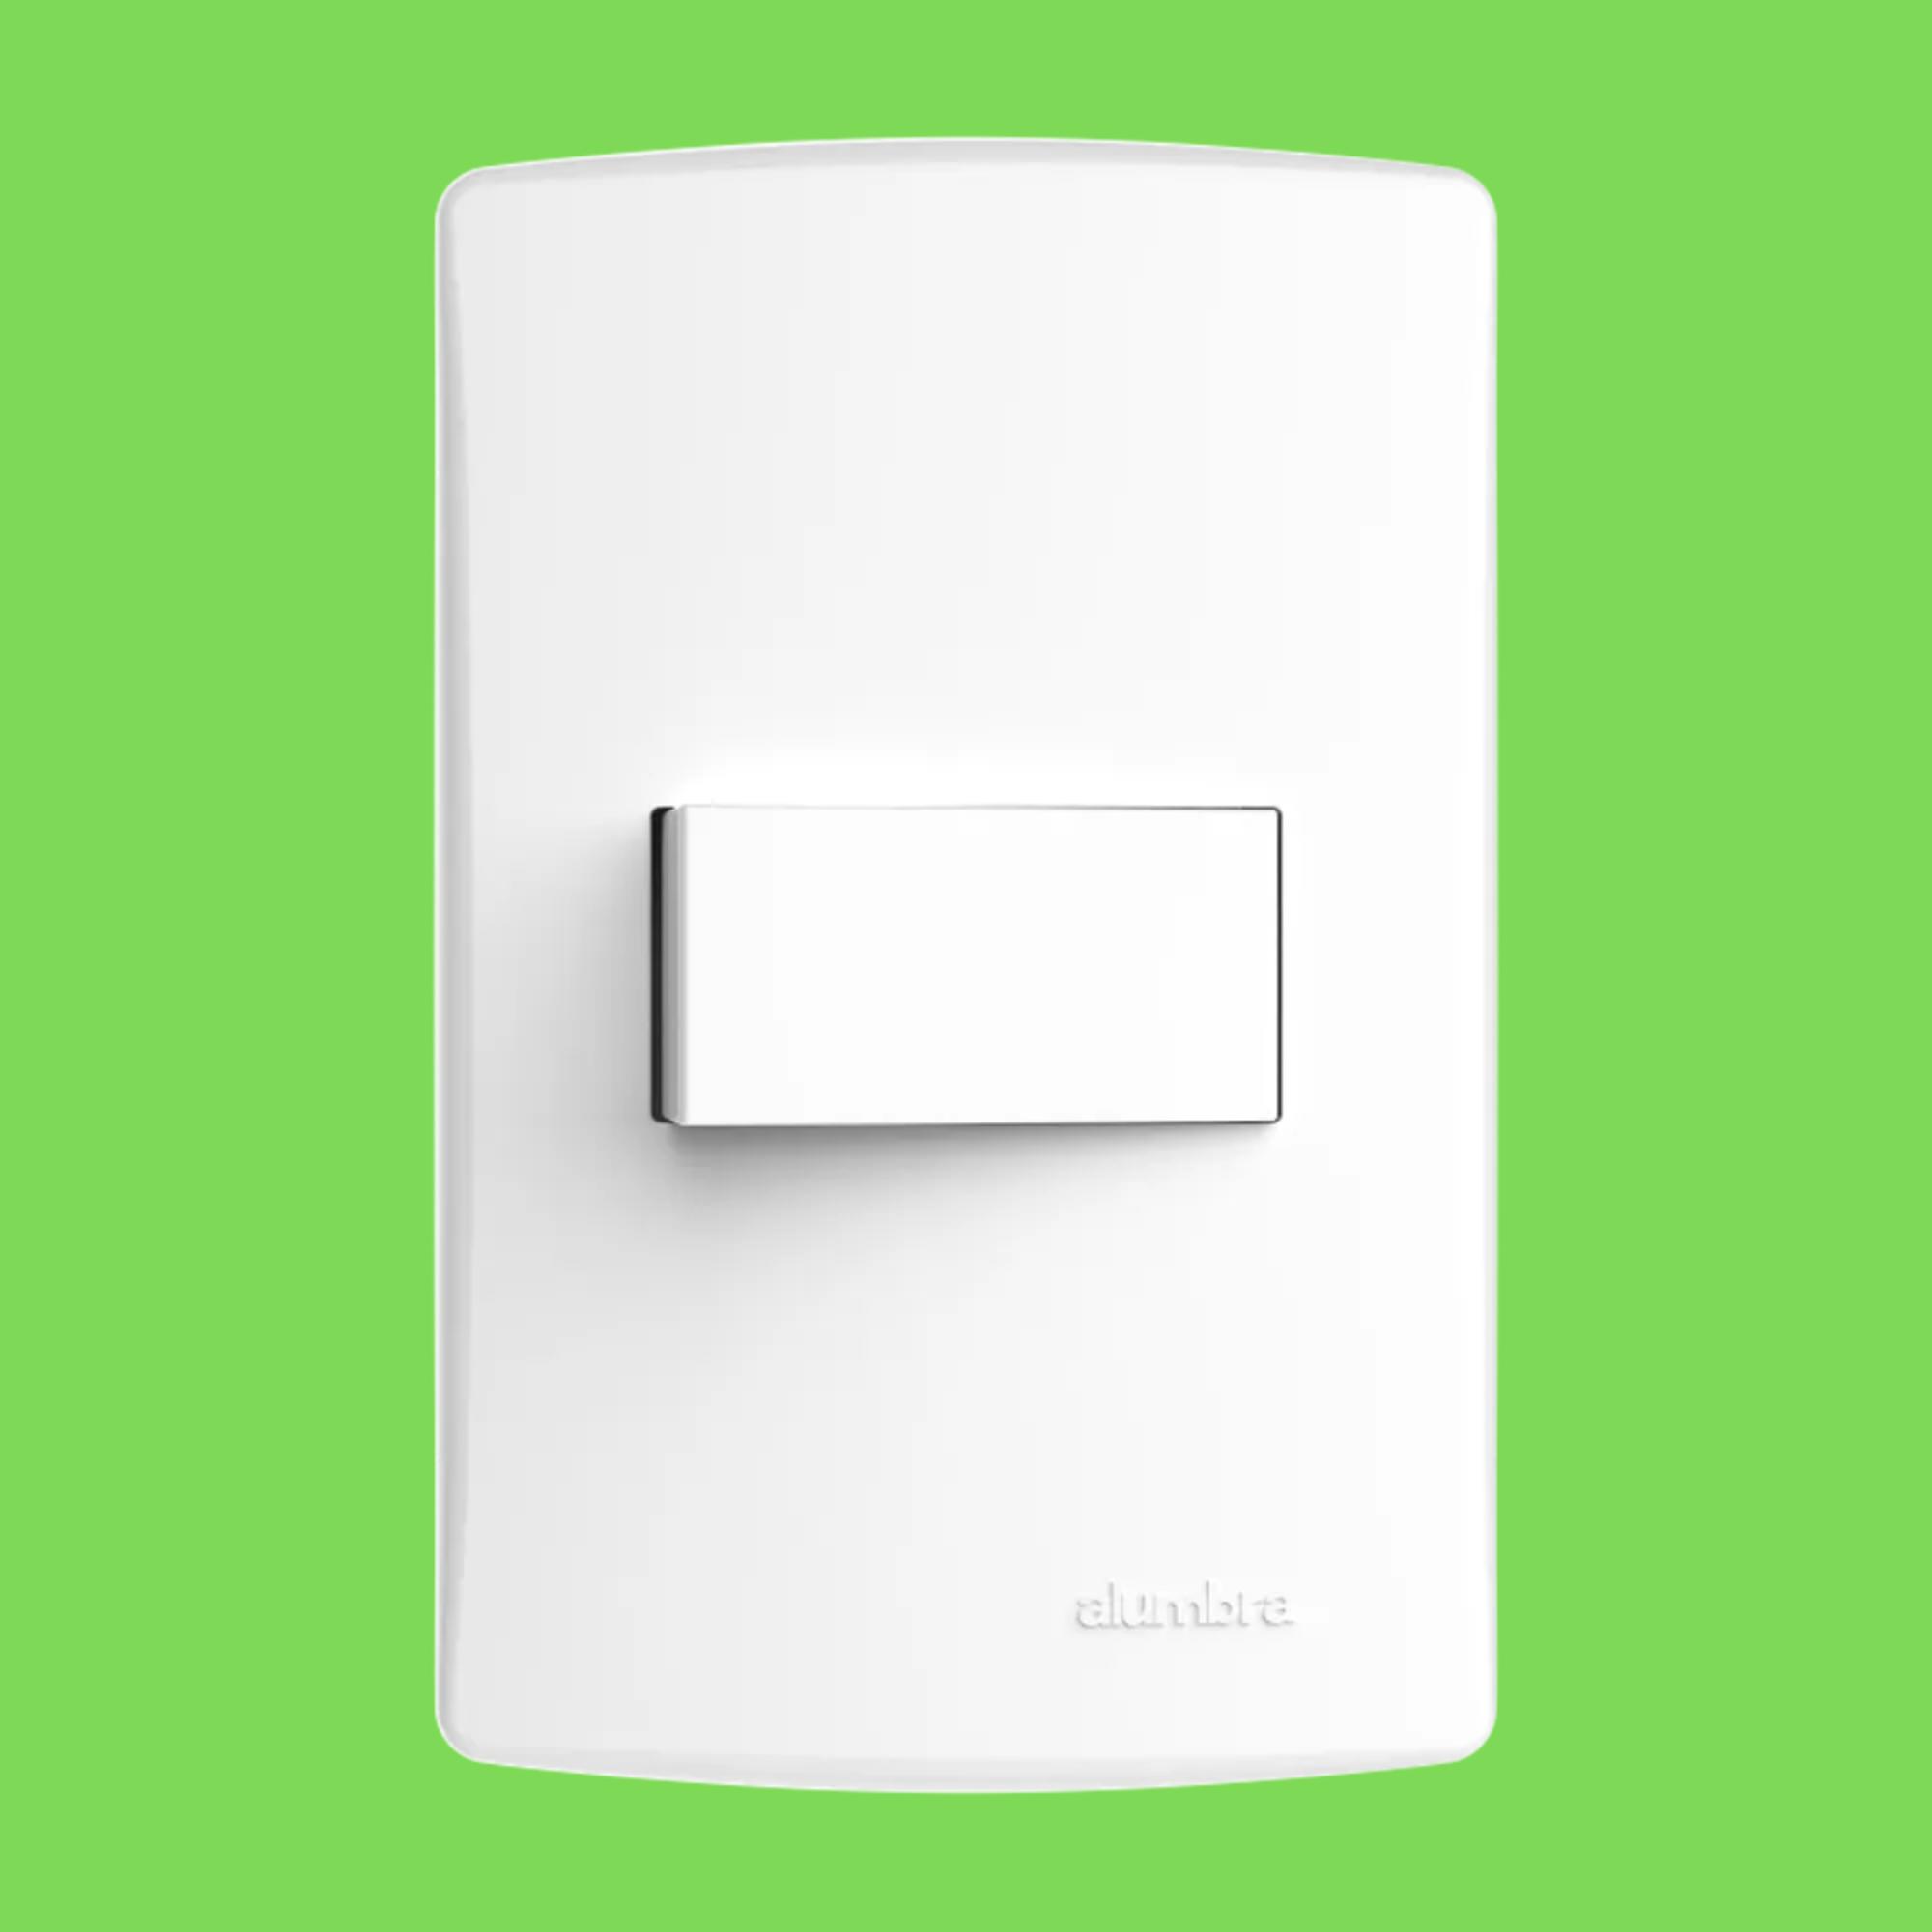 Kit 30 und Alumbra Bianco Pró 1 Seção de Interruptor Simples Com Placa